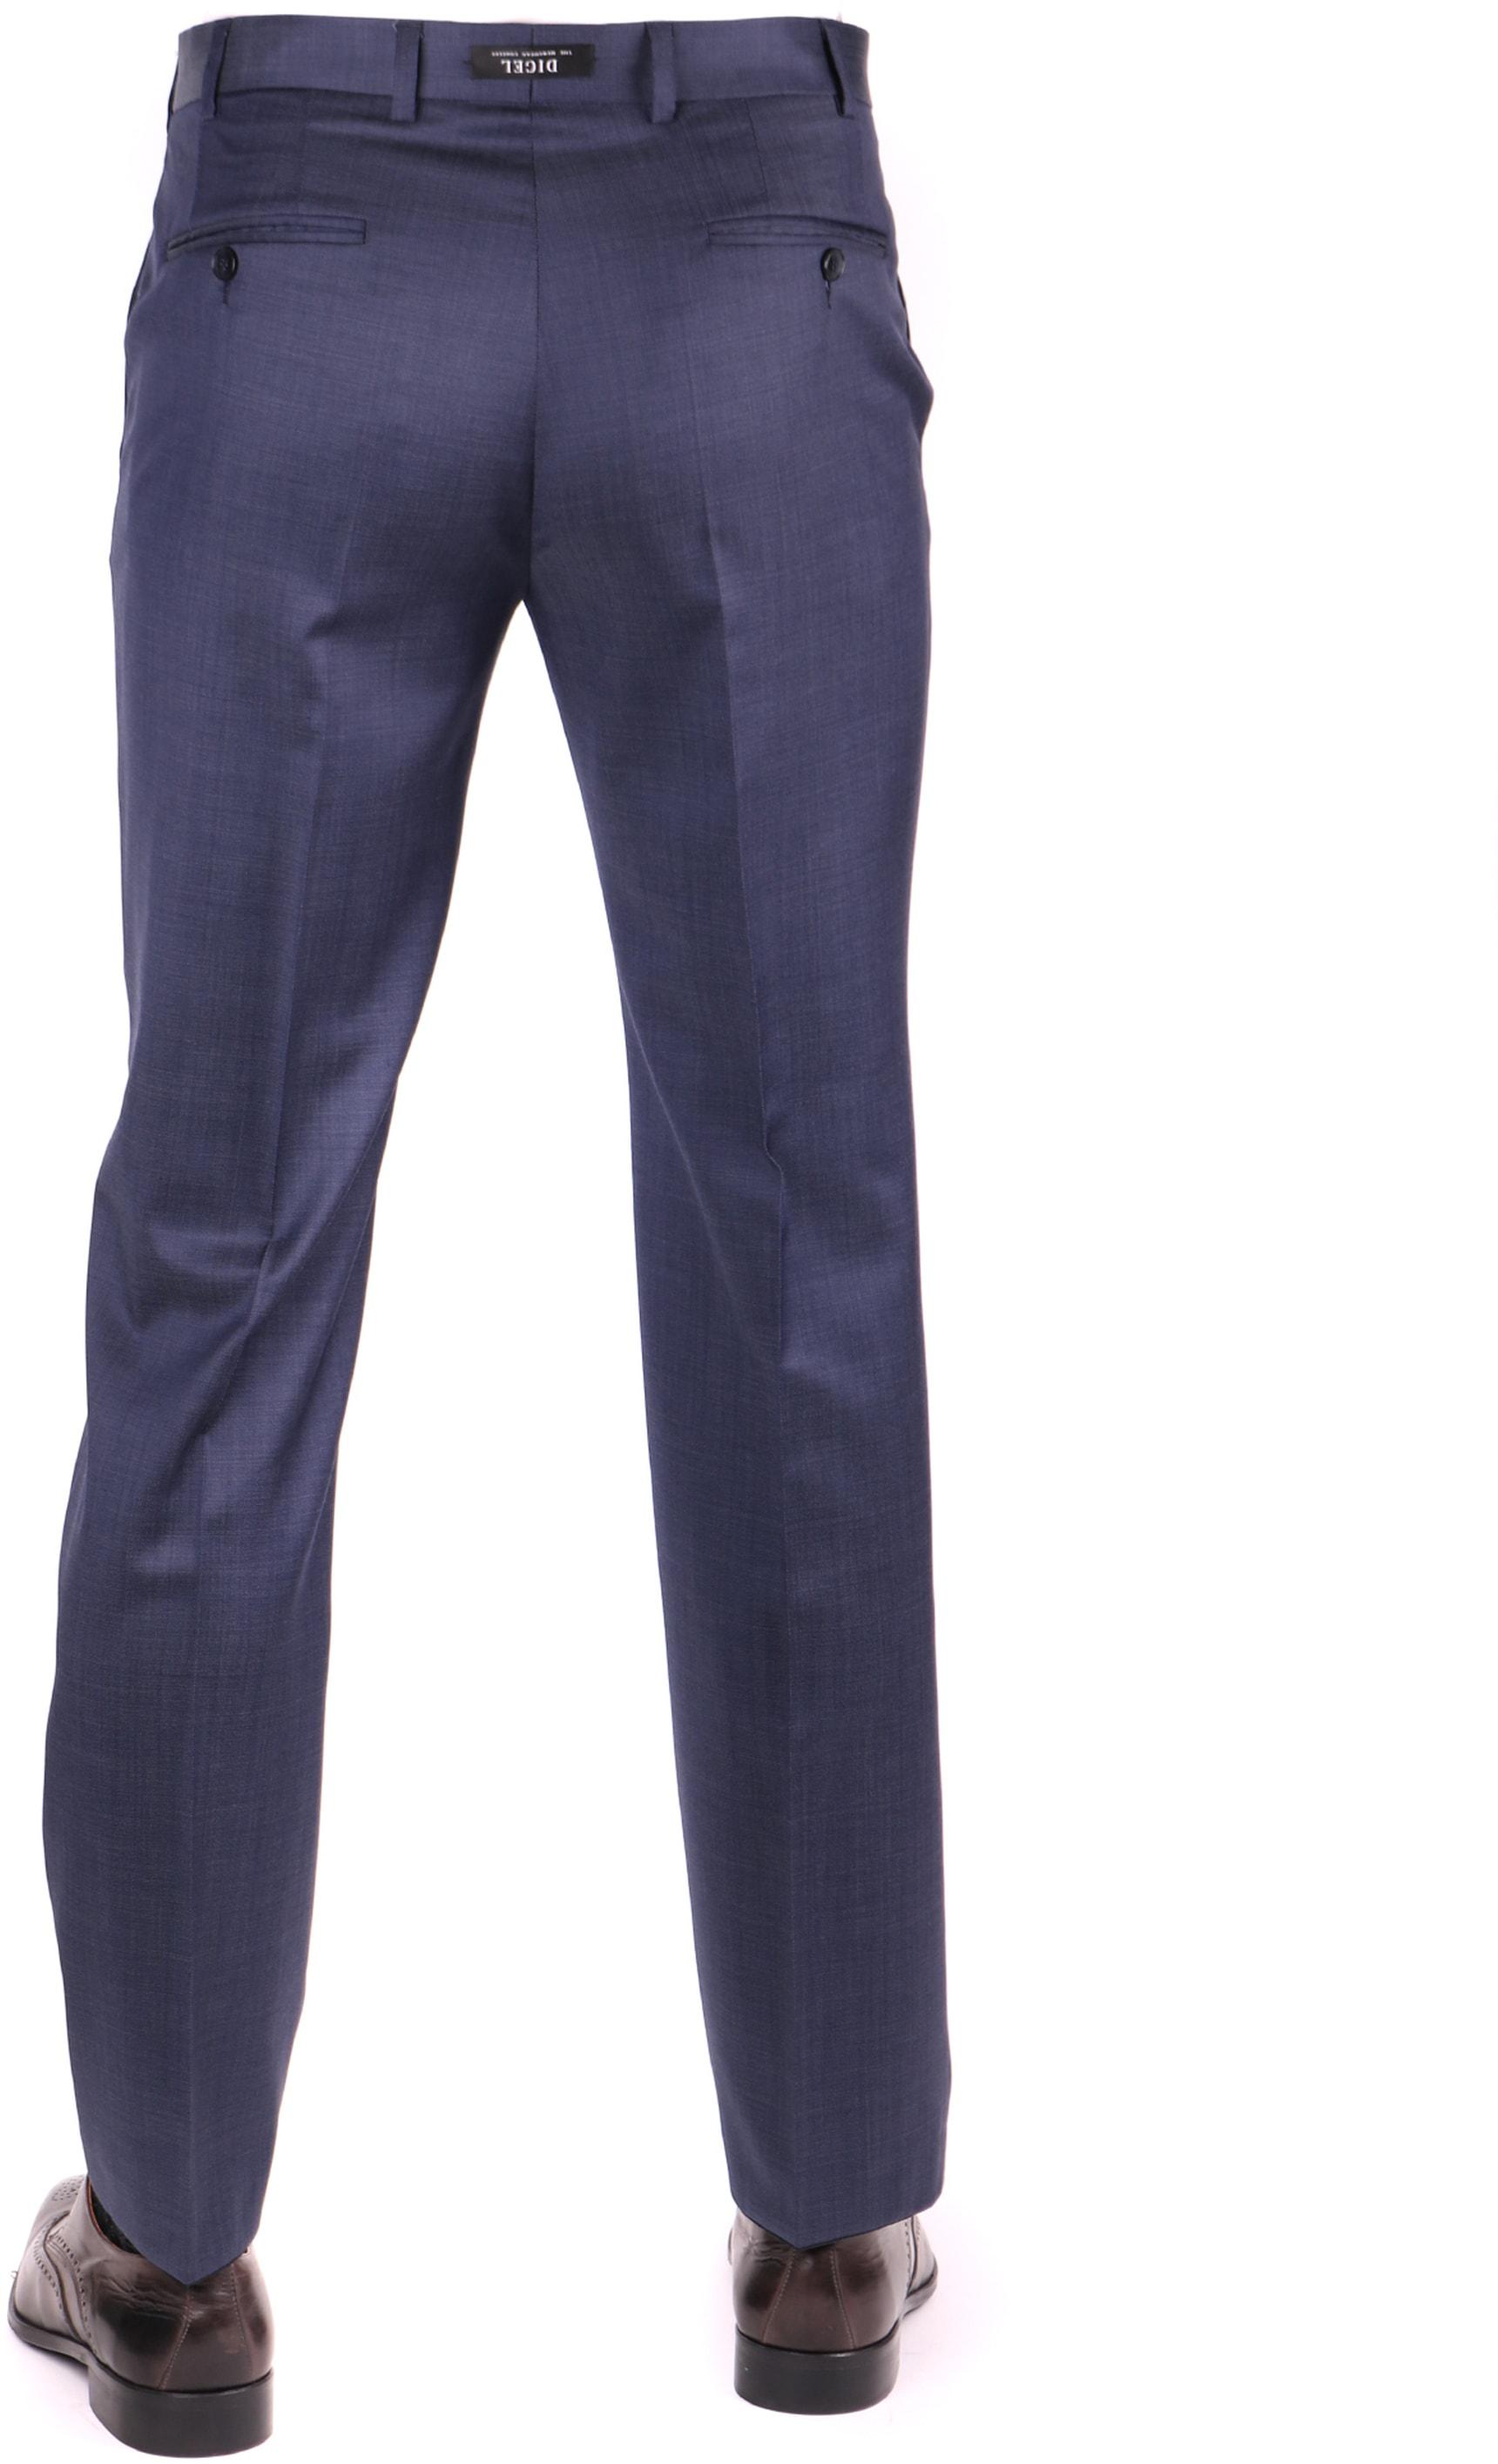 Digel Per Pantalon Donkerblauw foto 1